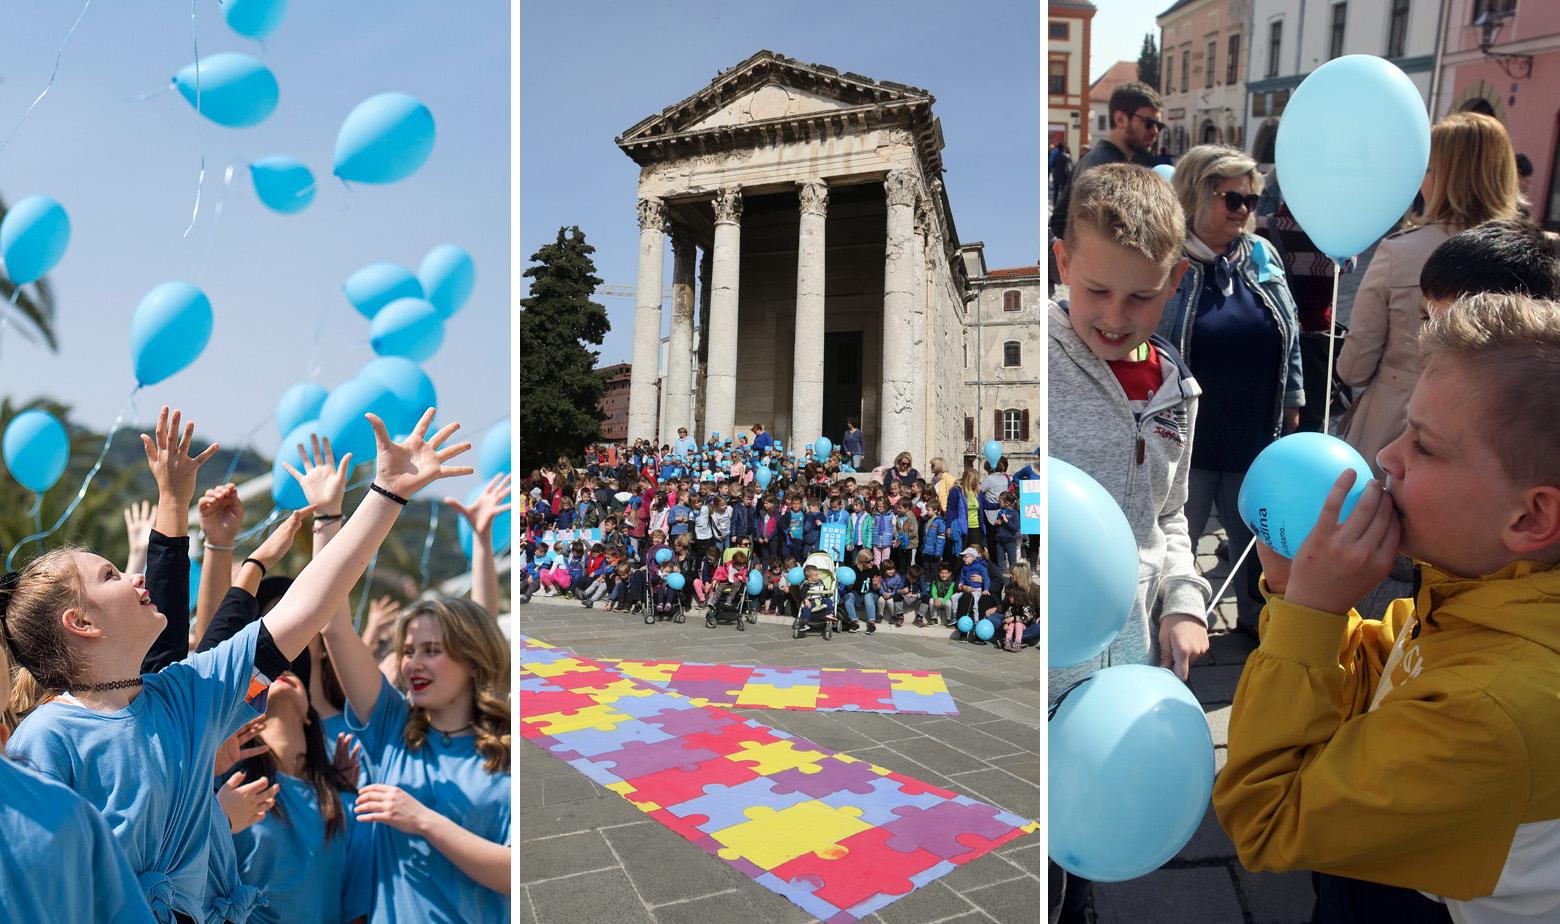 Obilježavanje svjetskog dana svjesnosti o autizmu u Splitu, Puli i Varaždinu